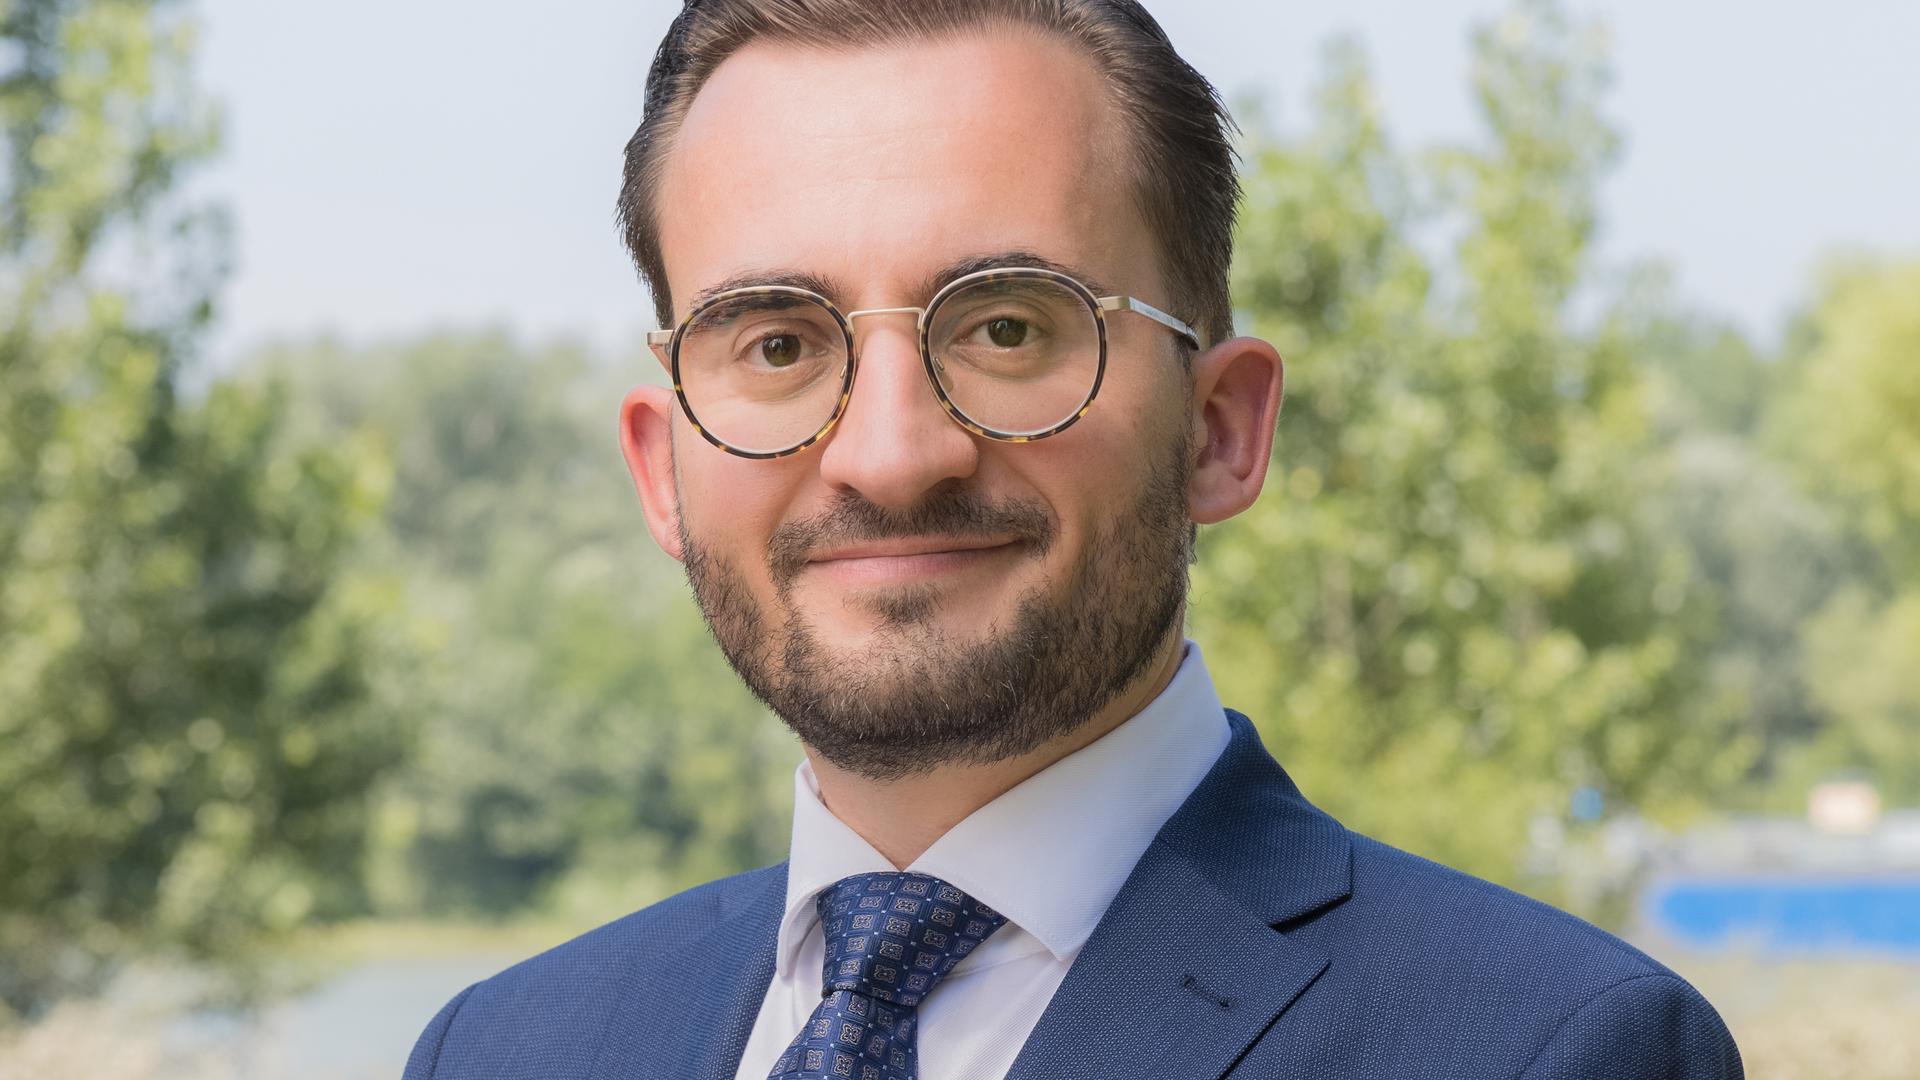 Frischer Blick von außen: Damit wirbt Christian Soeder, der für die Wahl des Bürgermeisters in Oberhausen-Rheinhausen seinen Hut in den Ring geworfen hat.